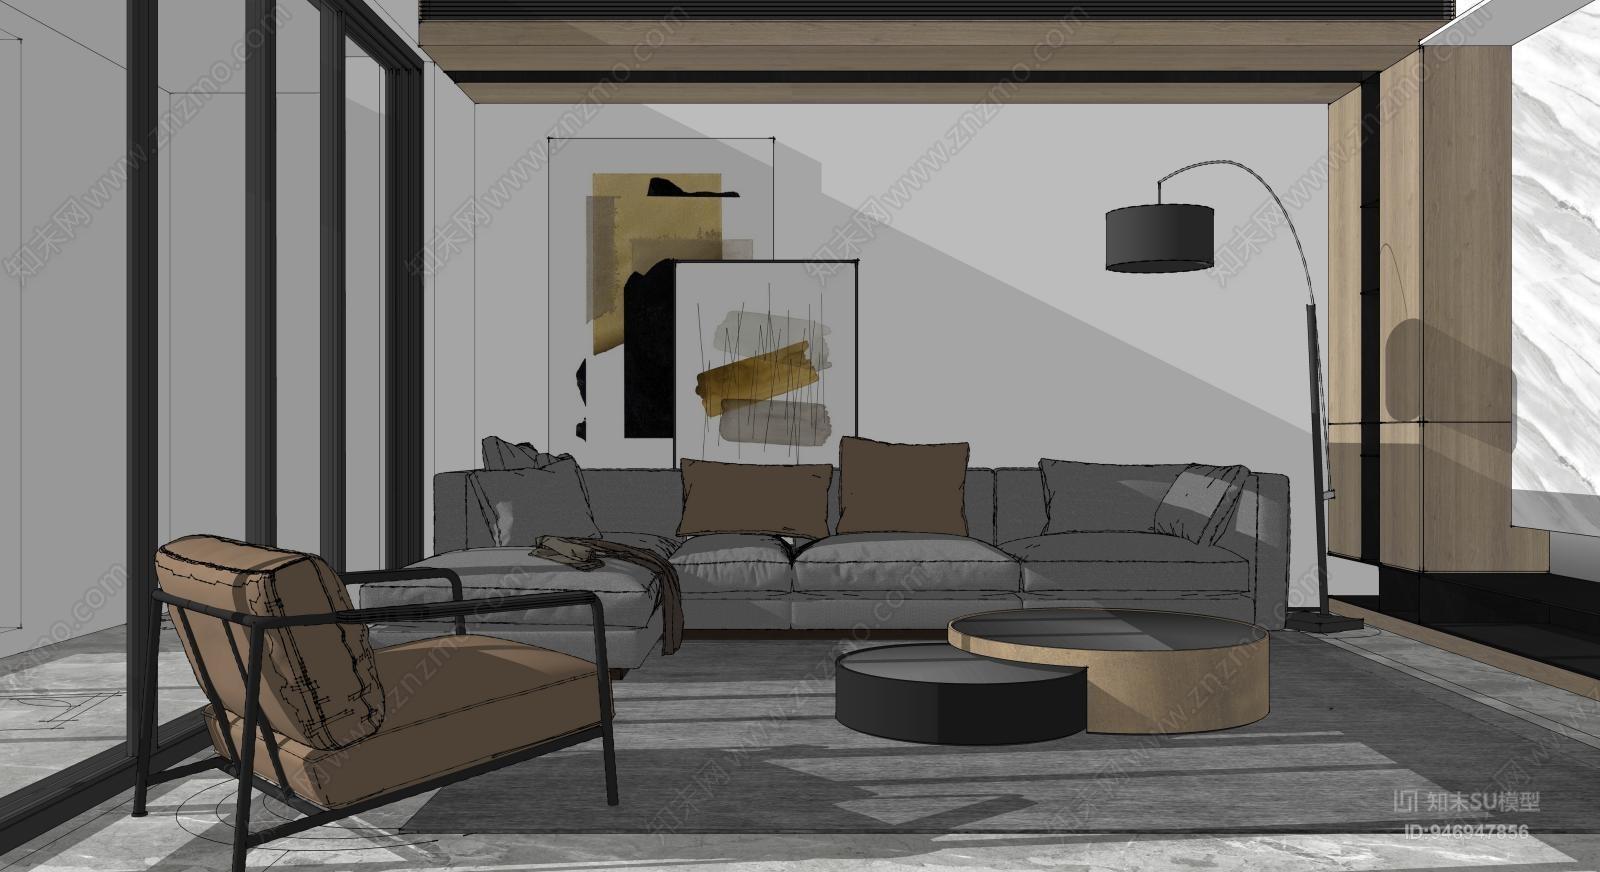 现代风格客厅 沙发组合 休闲椅 单人沙发 吧台椅组合 落地灯